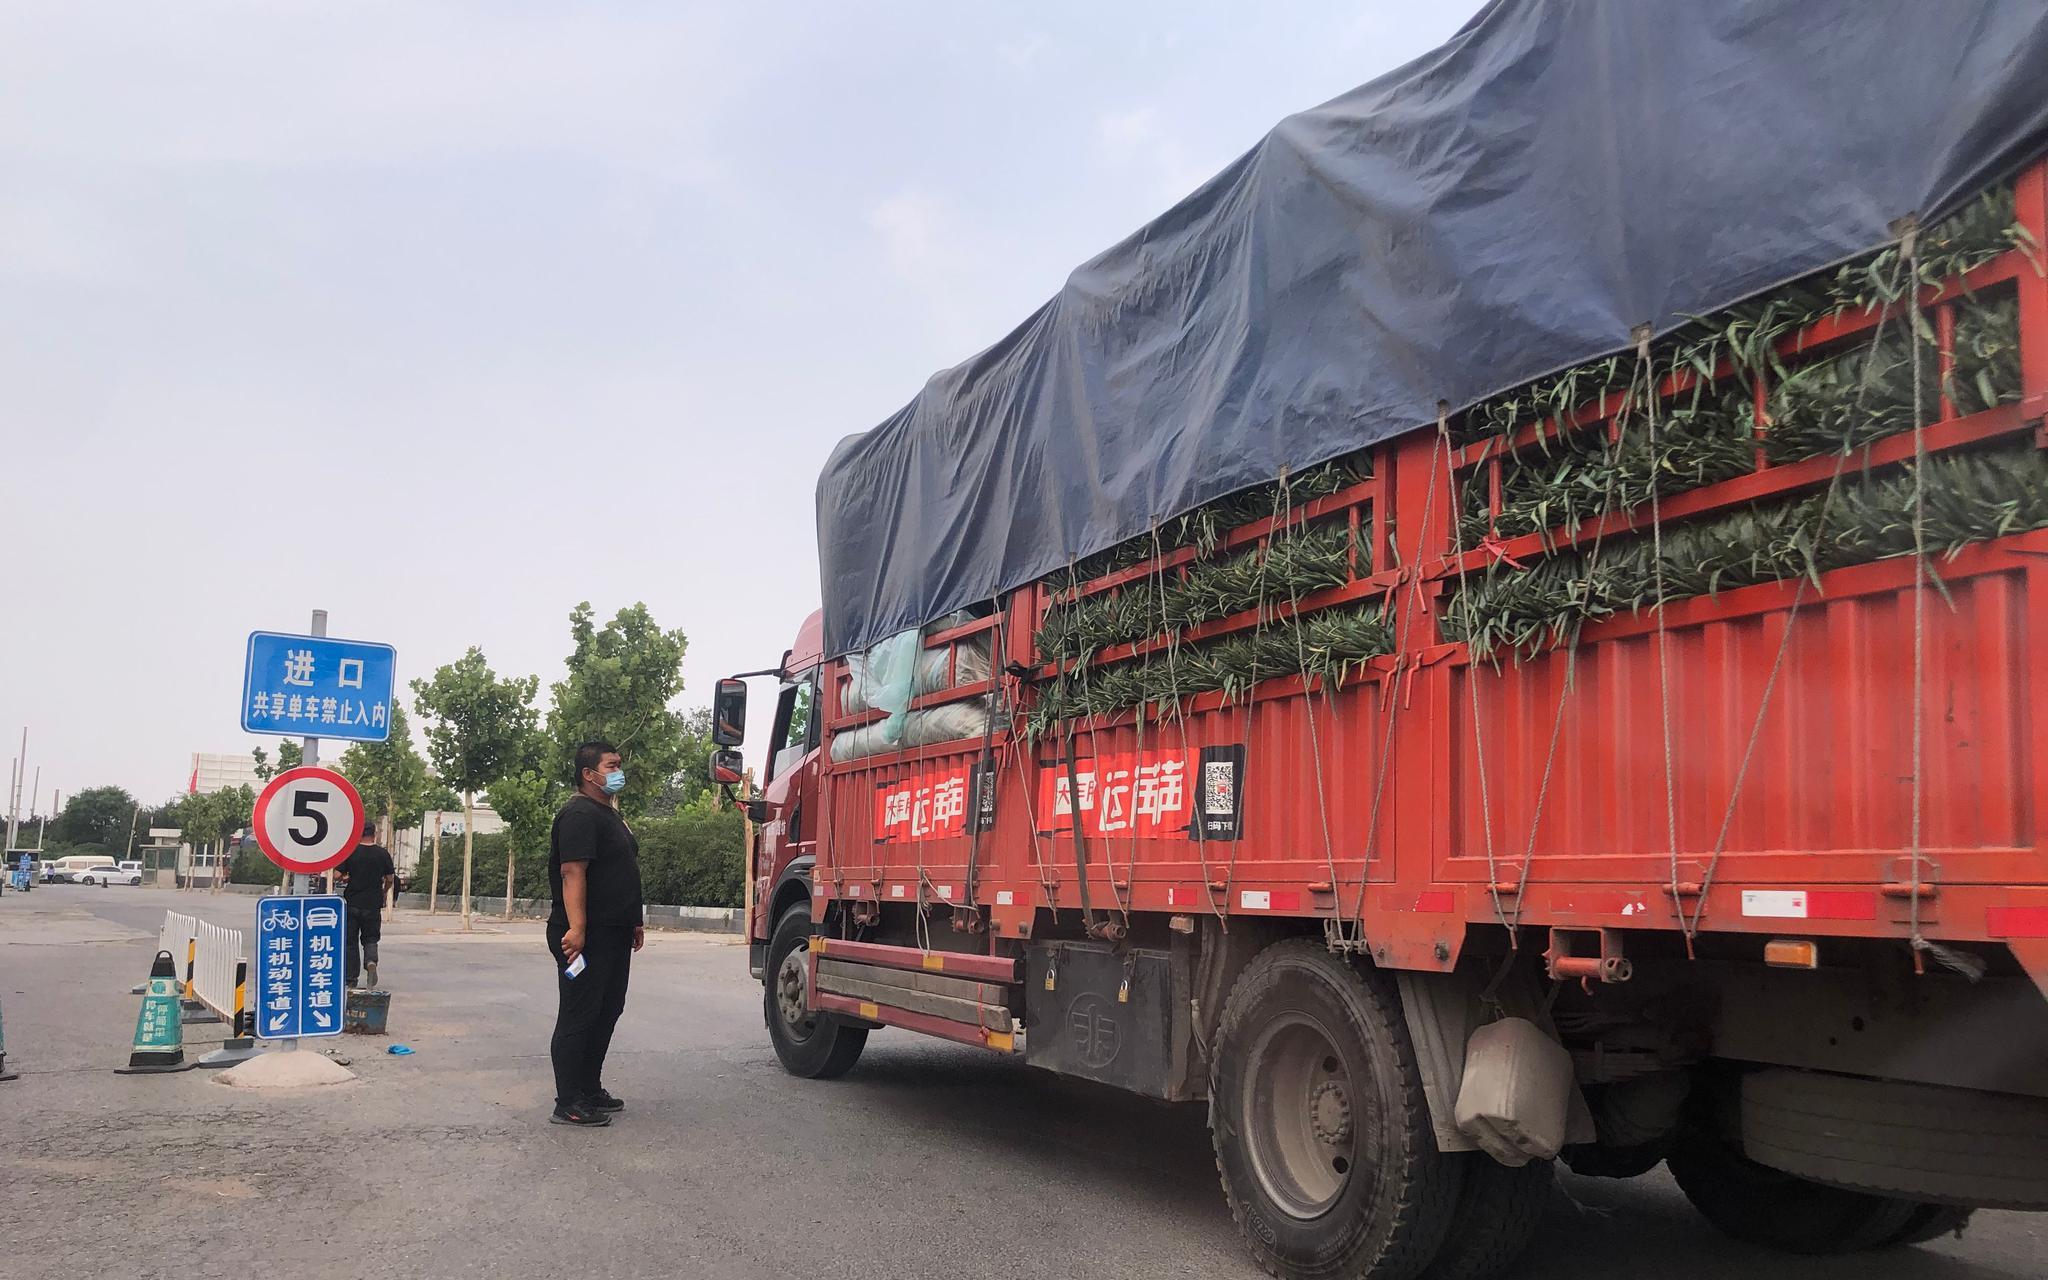 探访北京新发地临时蔬菜交易区 蔬菜大车已进场交易图片